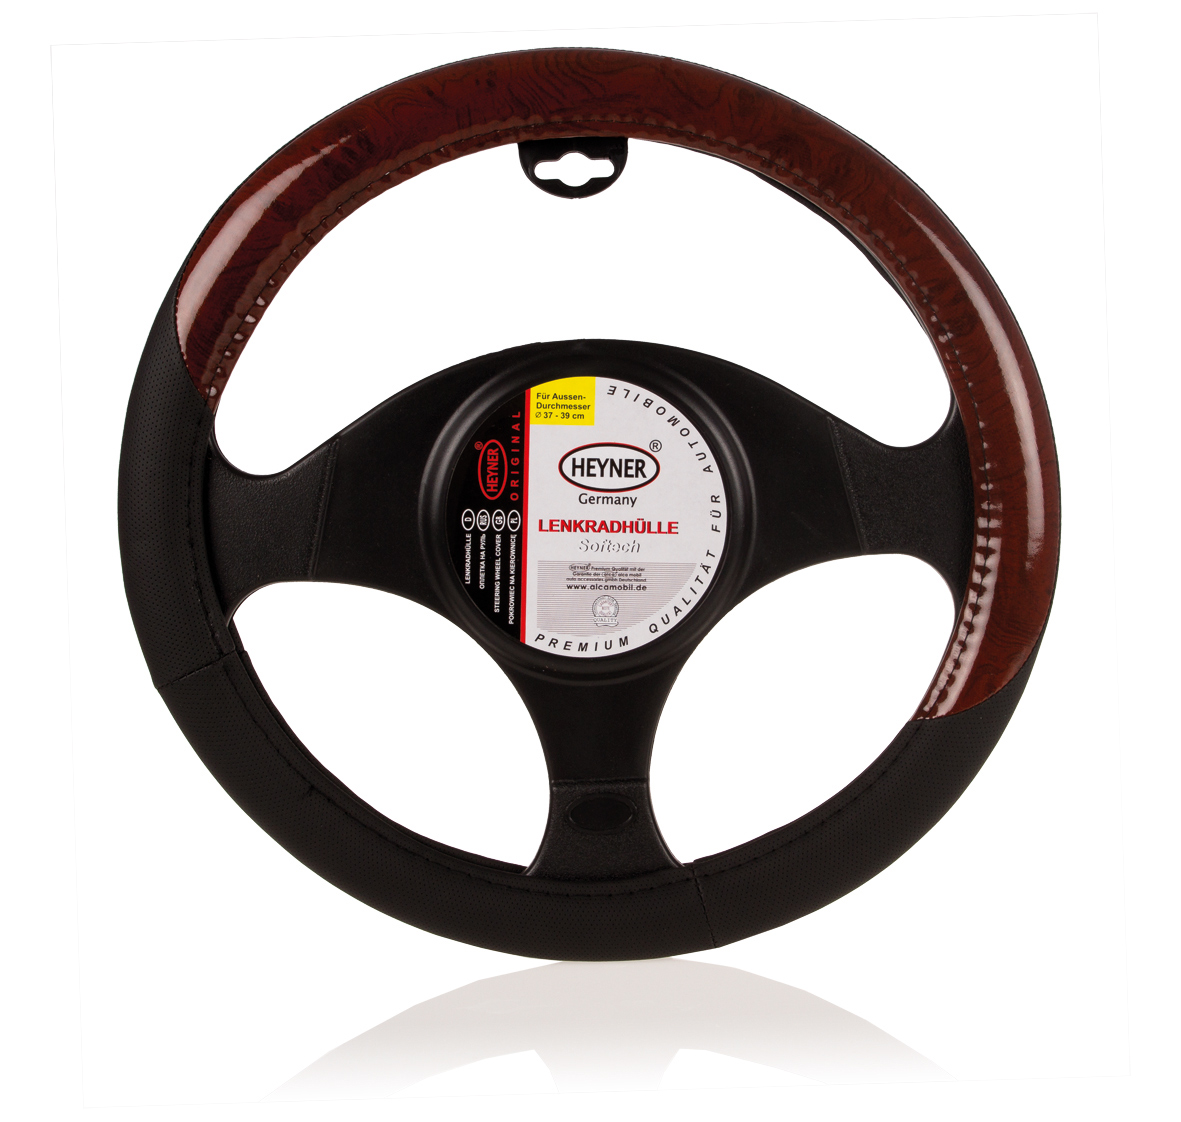 Чехол на руль Heyner, диаметр 37-39 см. 604000Ветерок 2ГФЧехол на руль Heyner изготовлен из высококачественной, приятной на ощупь натуральной кожи, которая обеспечивает комфортное соприкосновение рук водителя с рулем. Имея стандартный размер, подходит для большинства иностранных автомобилей и отечественных моделей. Чехол легко устанавливается на рулевое колесо автомобиля, защищает его от потертостей и загрязнений. Чехол на руль Heyner позволит сделать интерьер автомобиля более выразительным и комфортным.